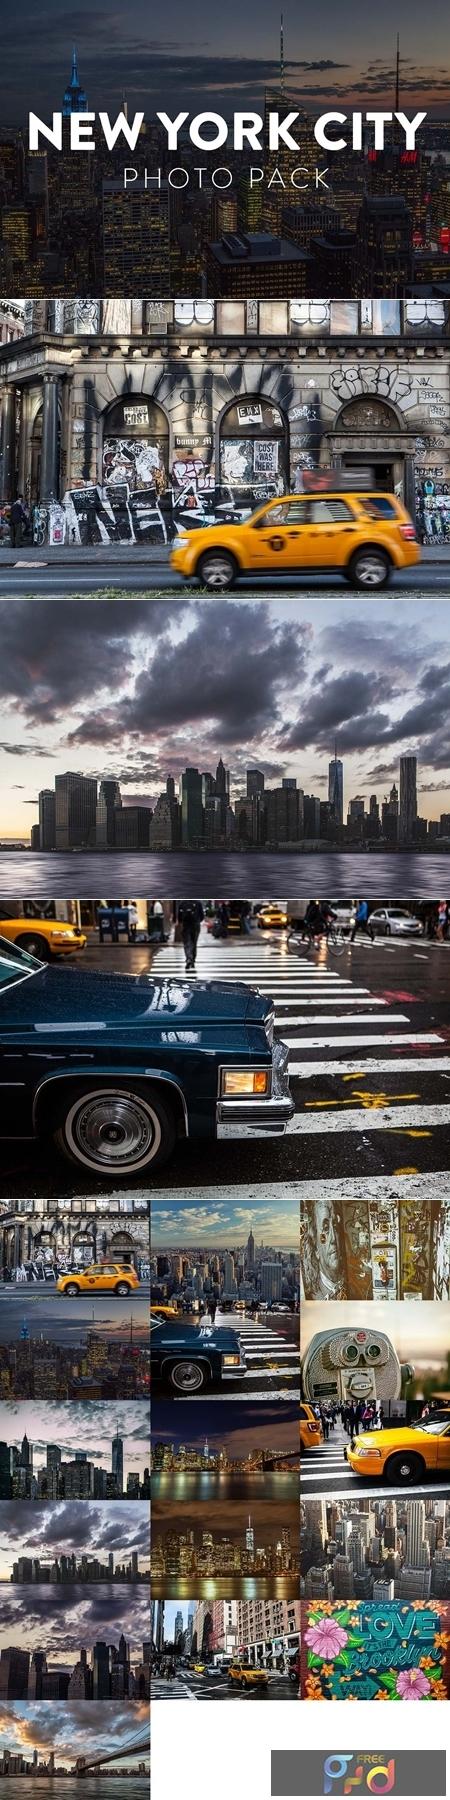 New York City Photo Pack 565739 1